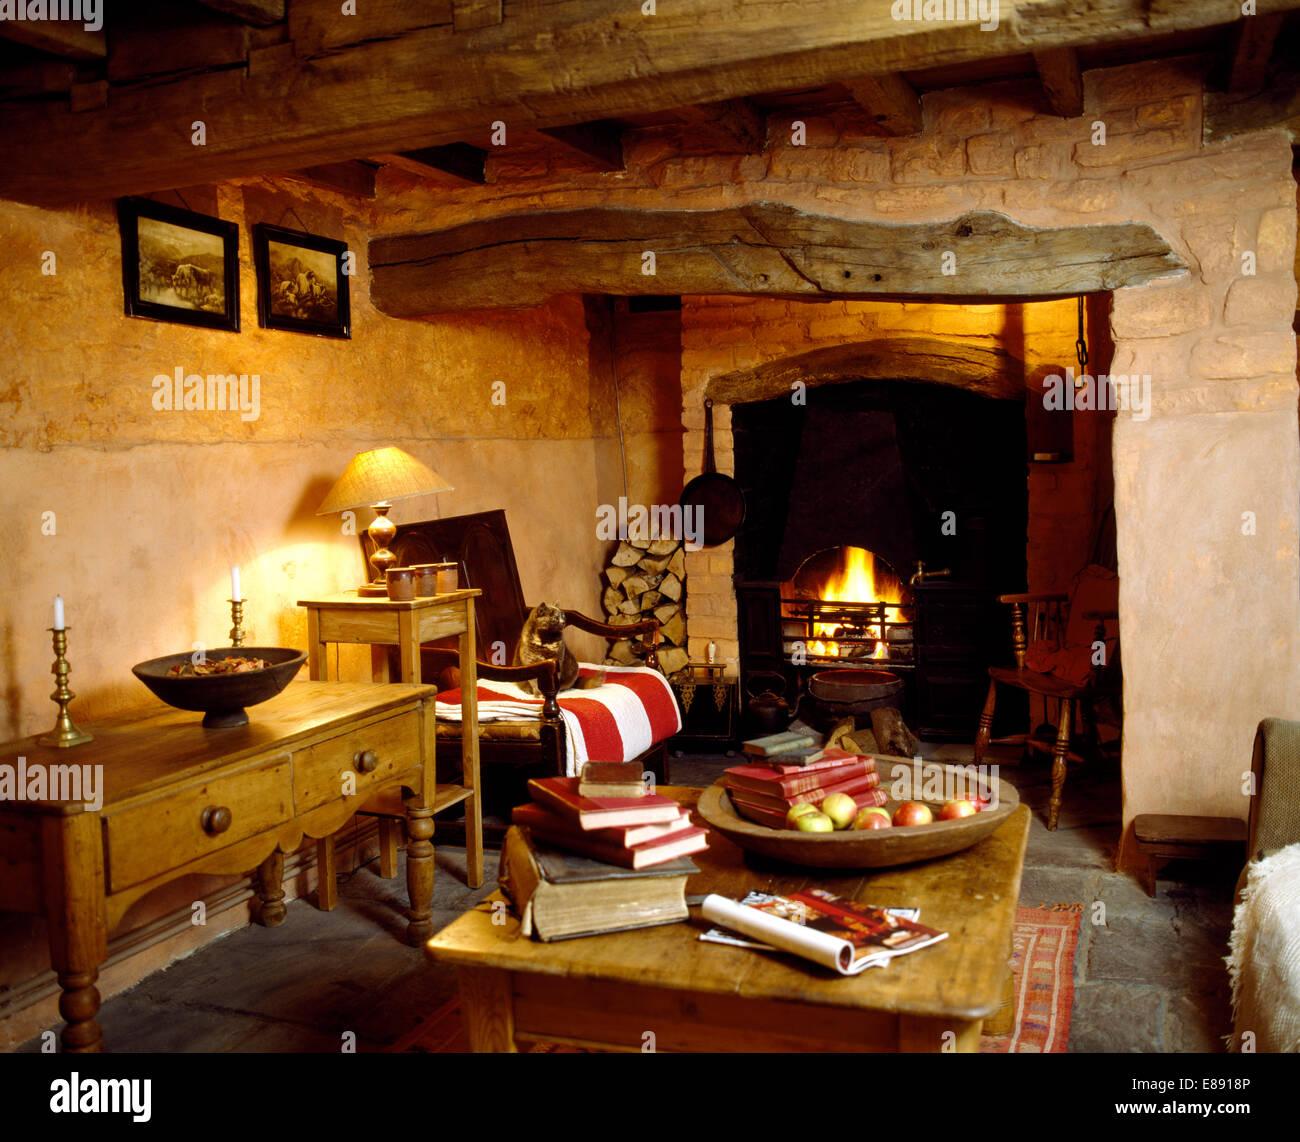 Alte Kiefern Couchtisch Und Beistelltisch In Ferienhaus Wohnzimmer Mit Rauer Putz Wnde Niedrige Decke